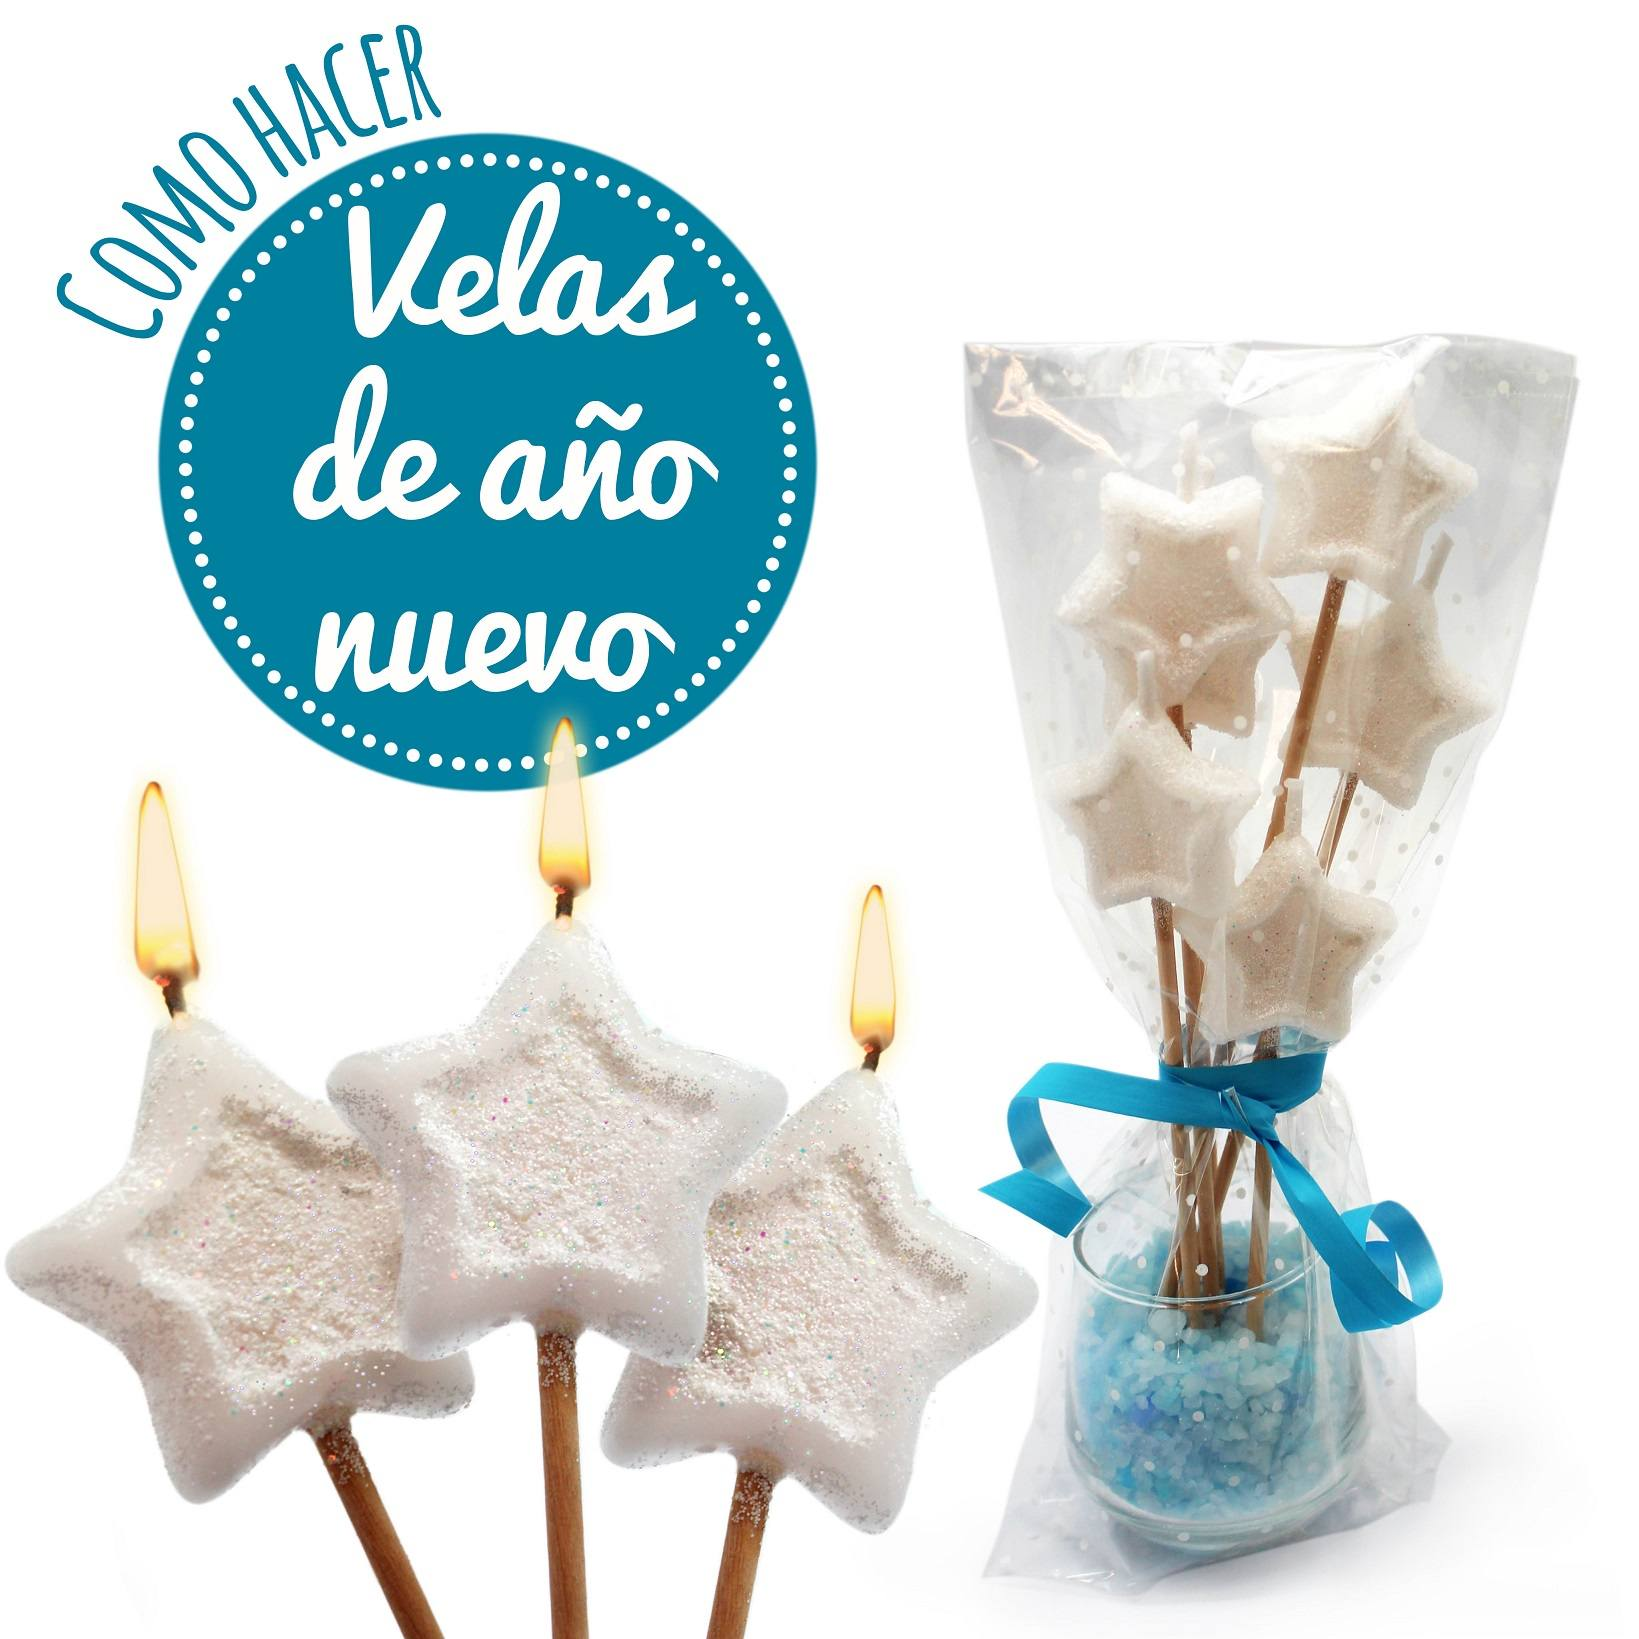 Como hacer velas decorativas para Año Nuevo